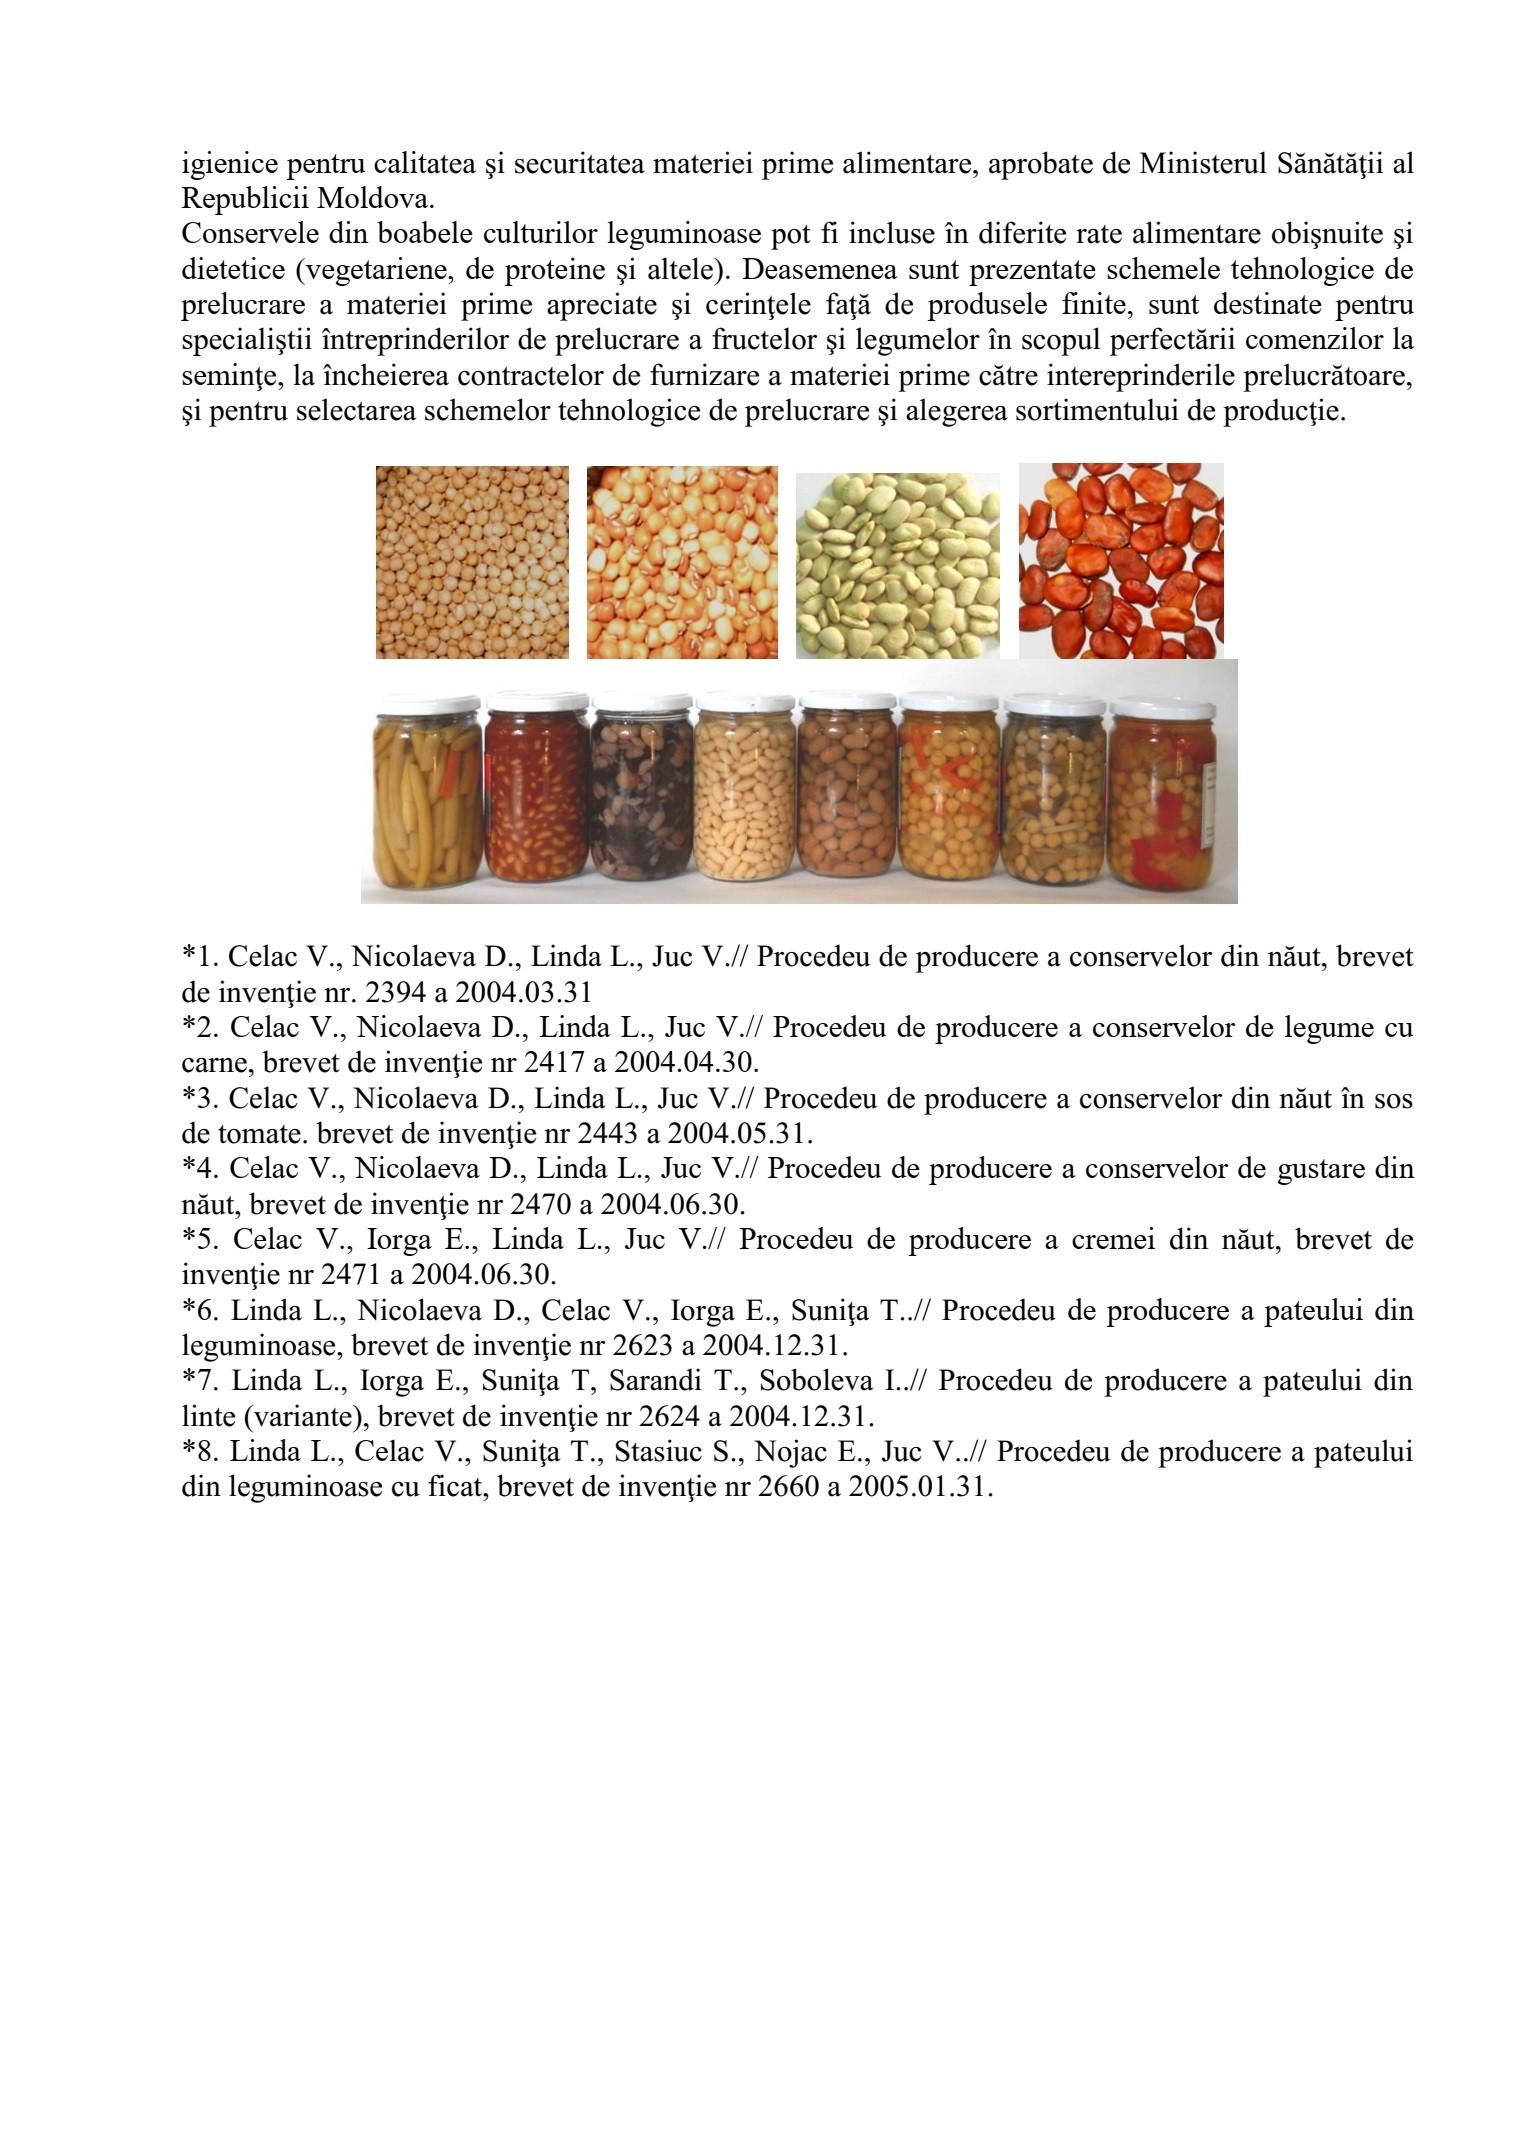 Utilizarea boabelor culturilor leguminoase la fabricarea conservelor